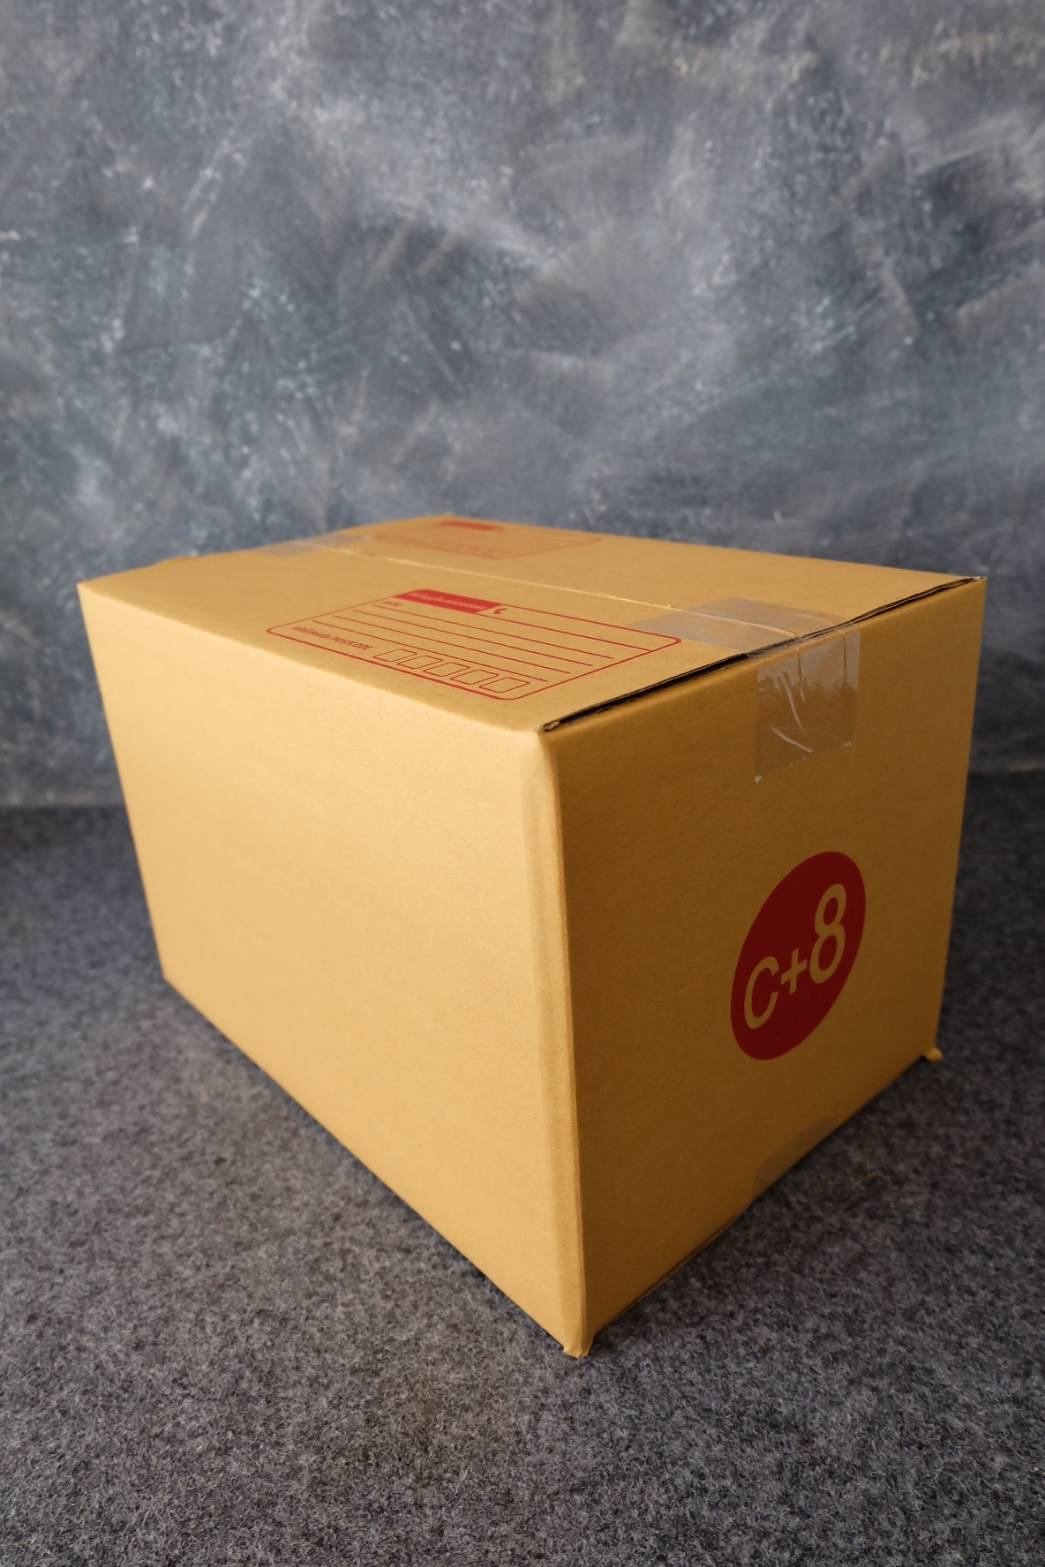 กล่องพัสดุ เบอร์ C+8 (20x30x19 cm.)